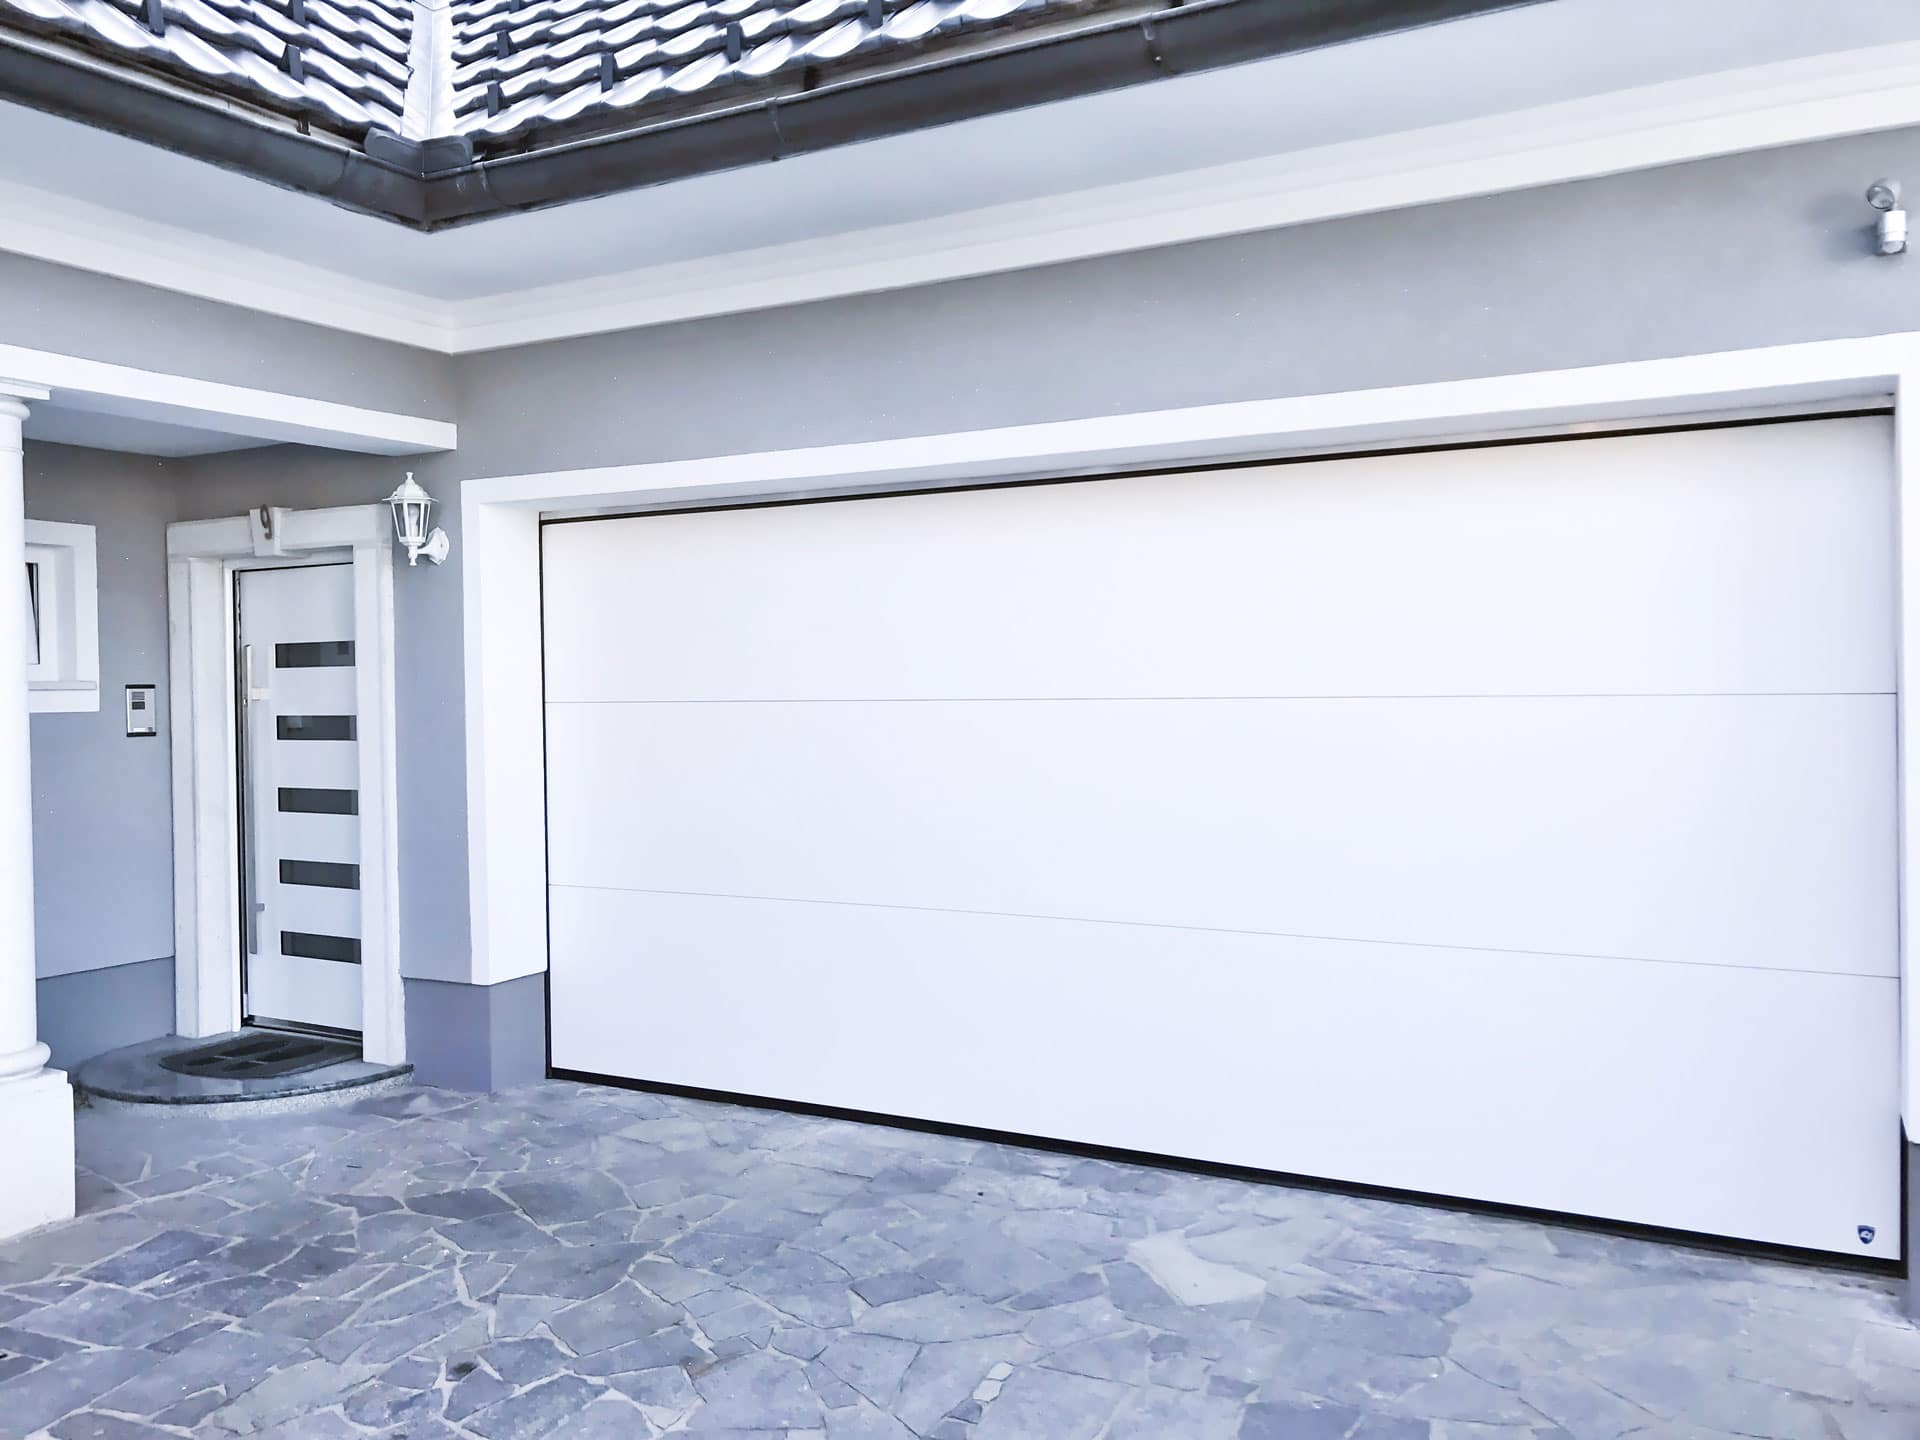 Pegasus Premium 3 | Deckensektionaltor weiß mit 3 Feldern bei Garage im Eingangsbereich | Svoboda Metalltechnik